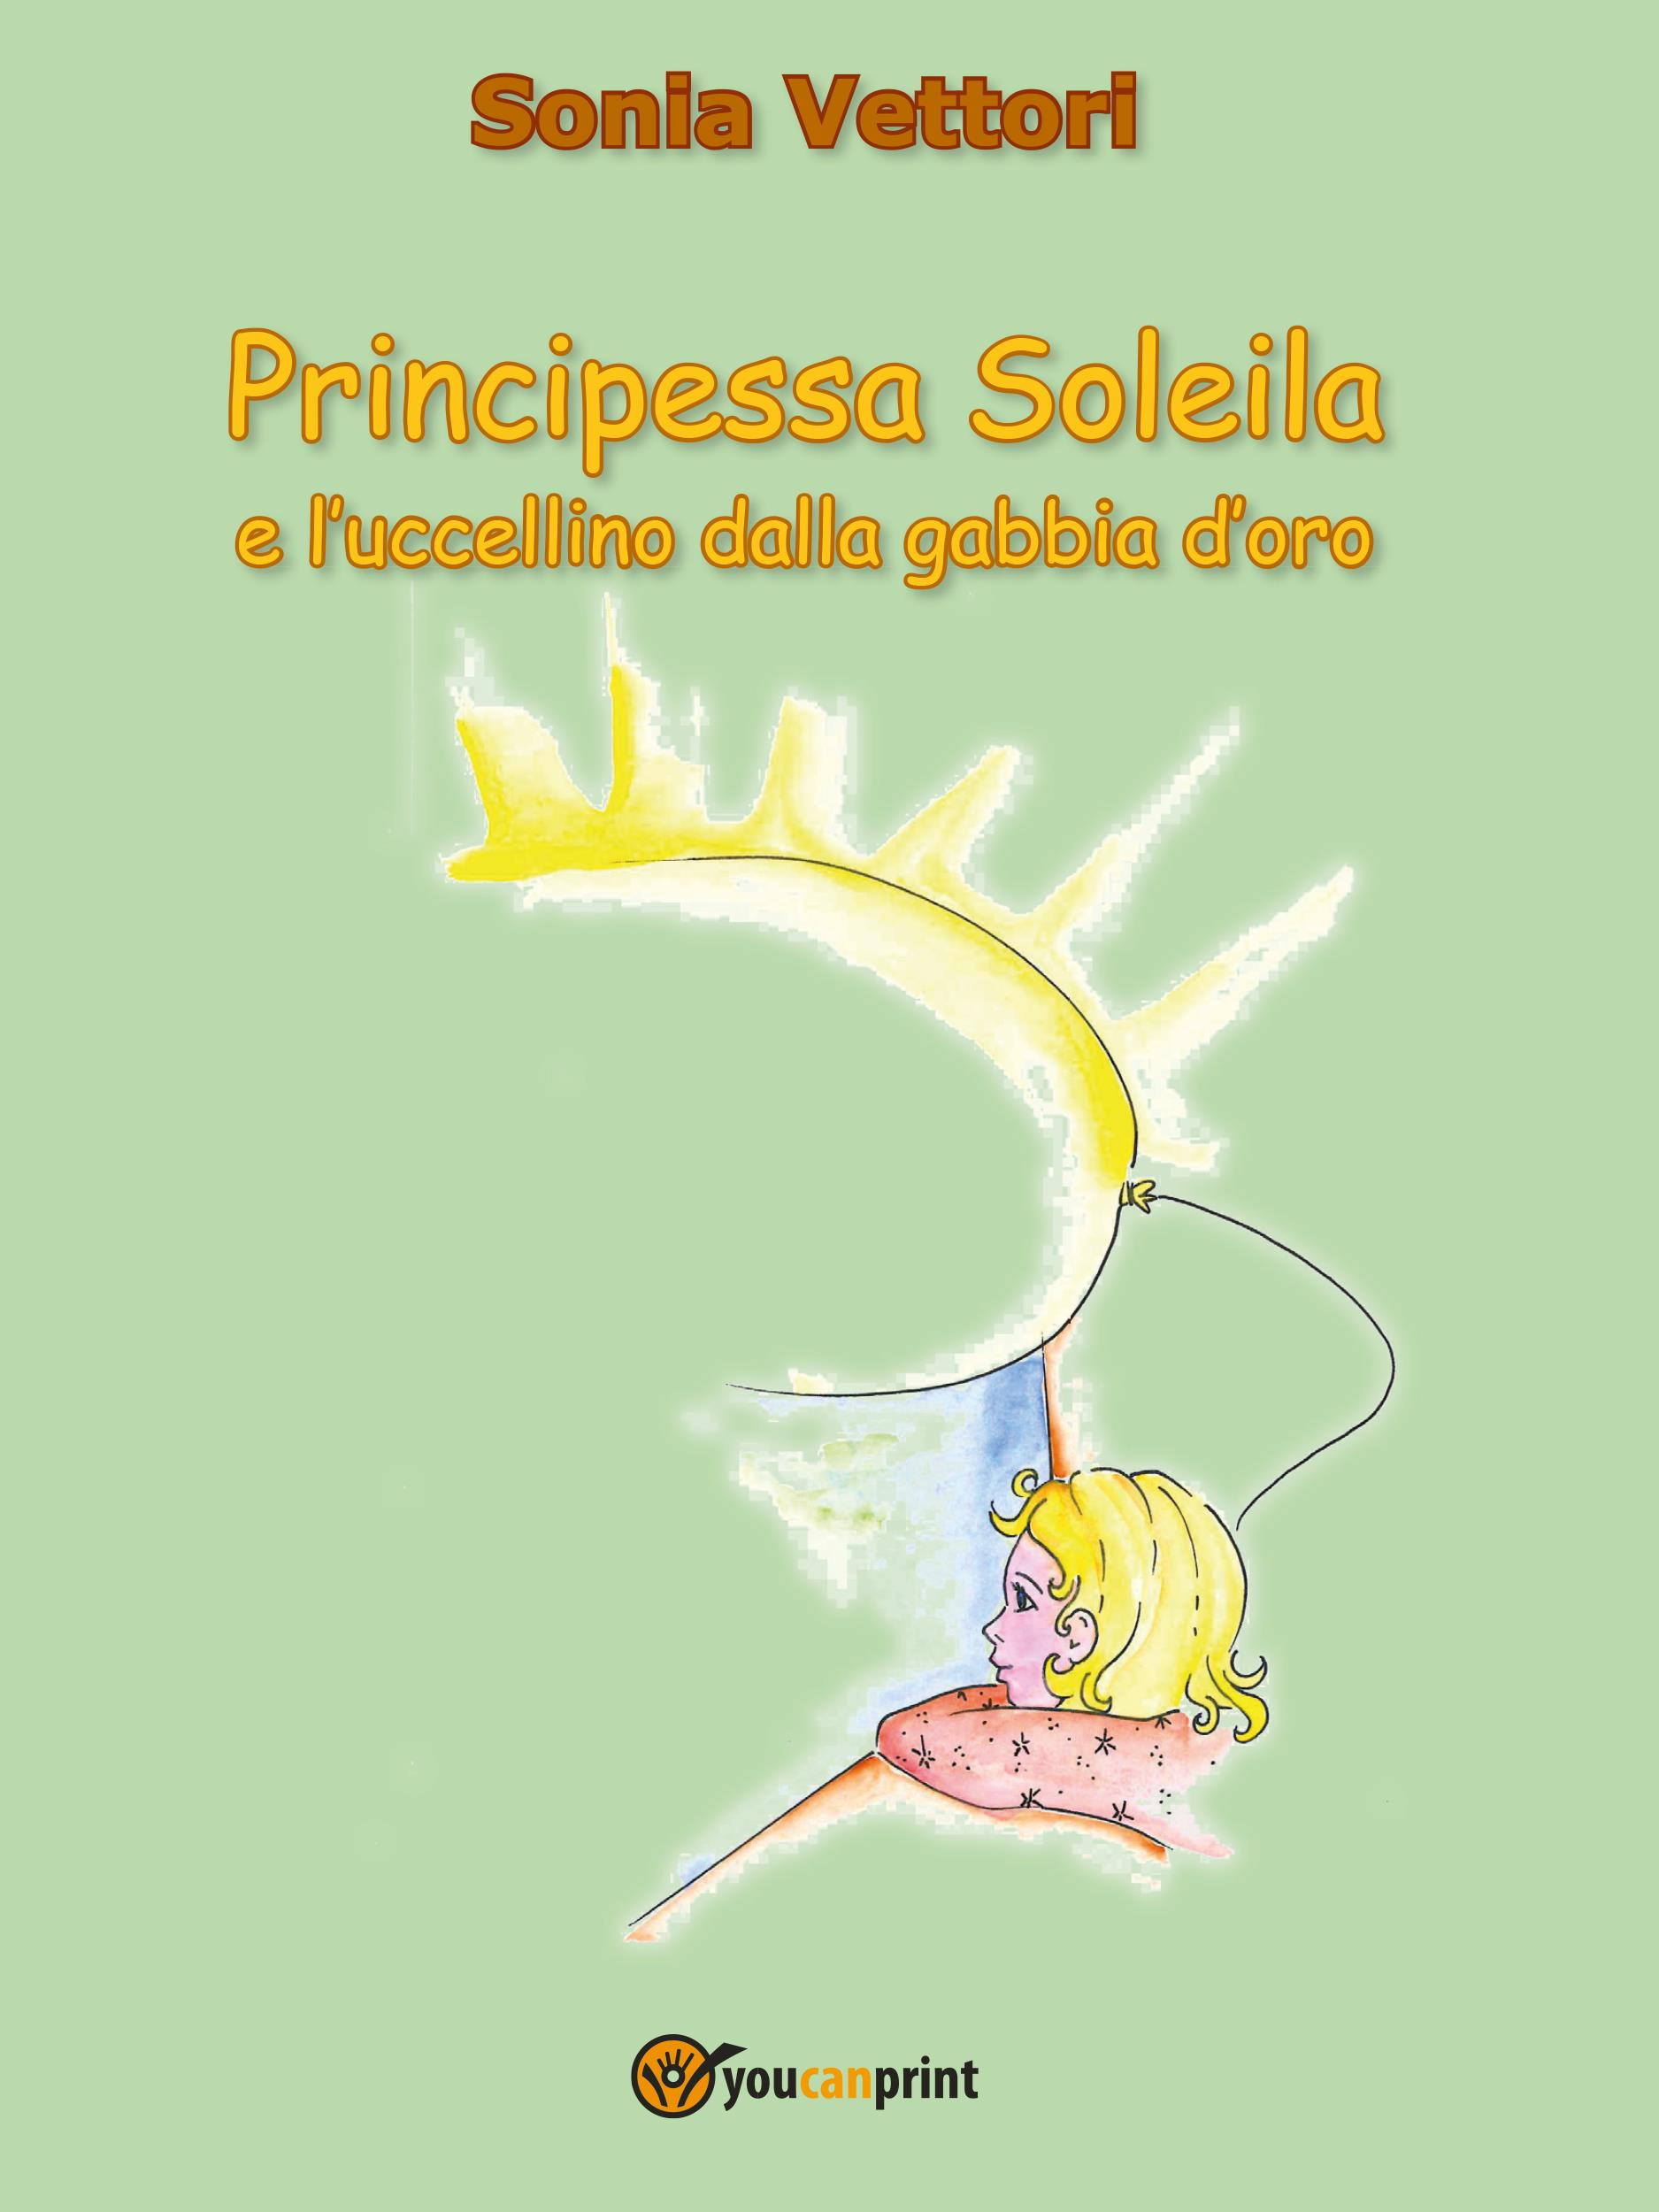 Principessa soleila e l'uccellino dalla gabbia d'oro